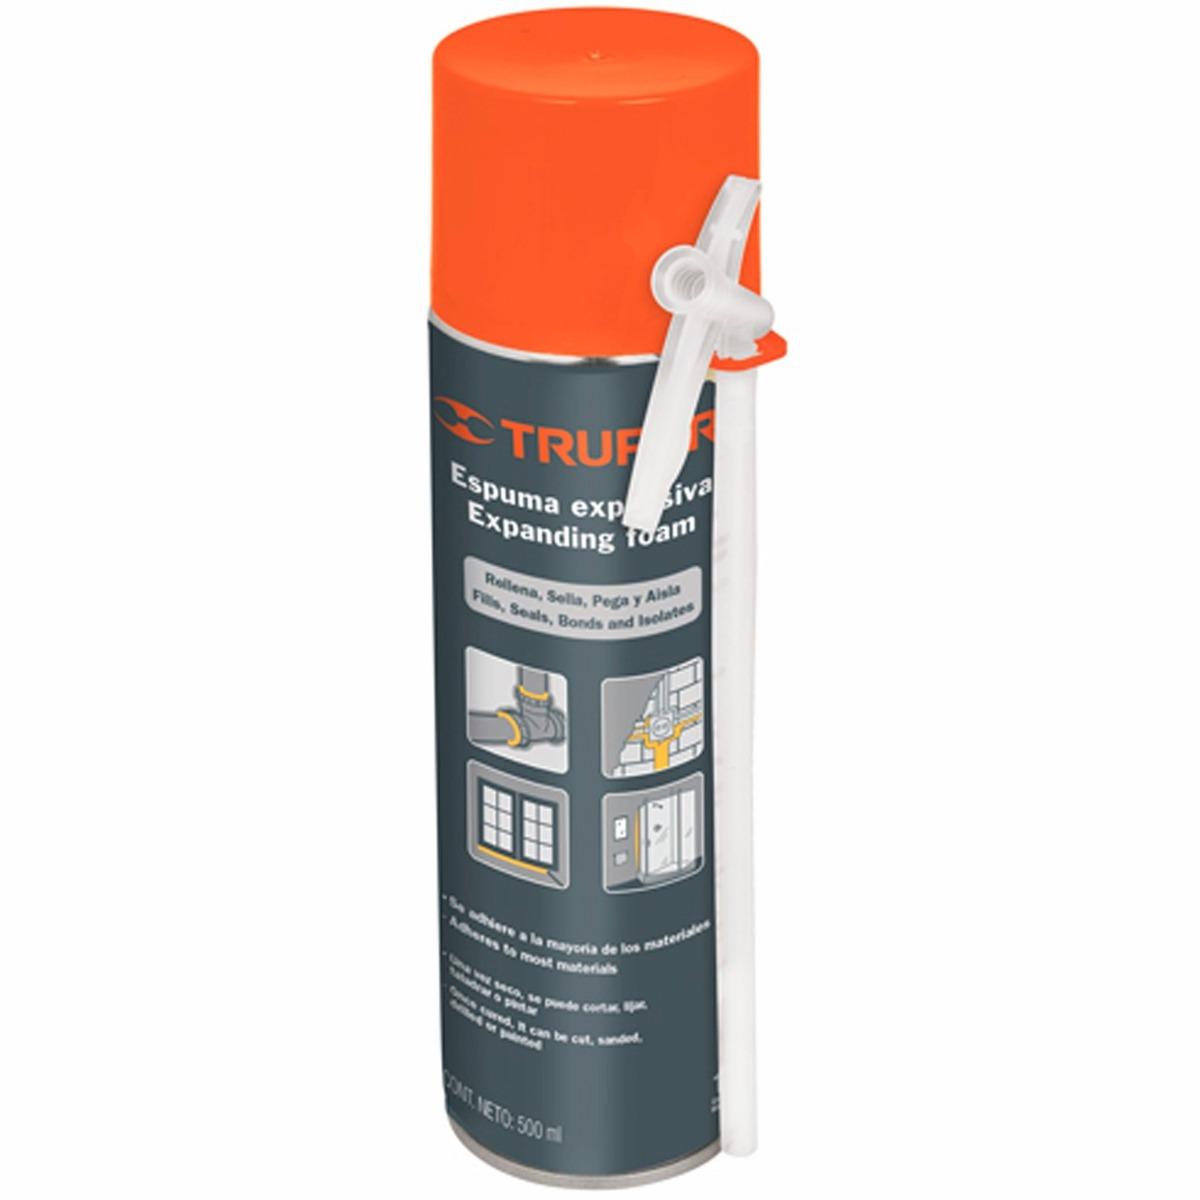 Espuma expansiva multiusos 500 ml truper 10920 for Espuma de poliuretano precio